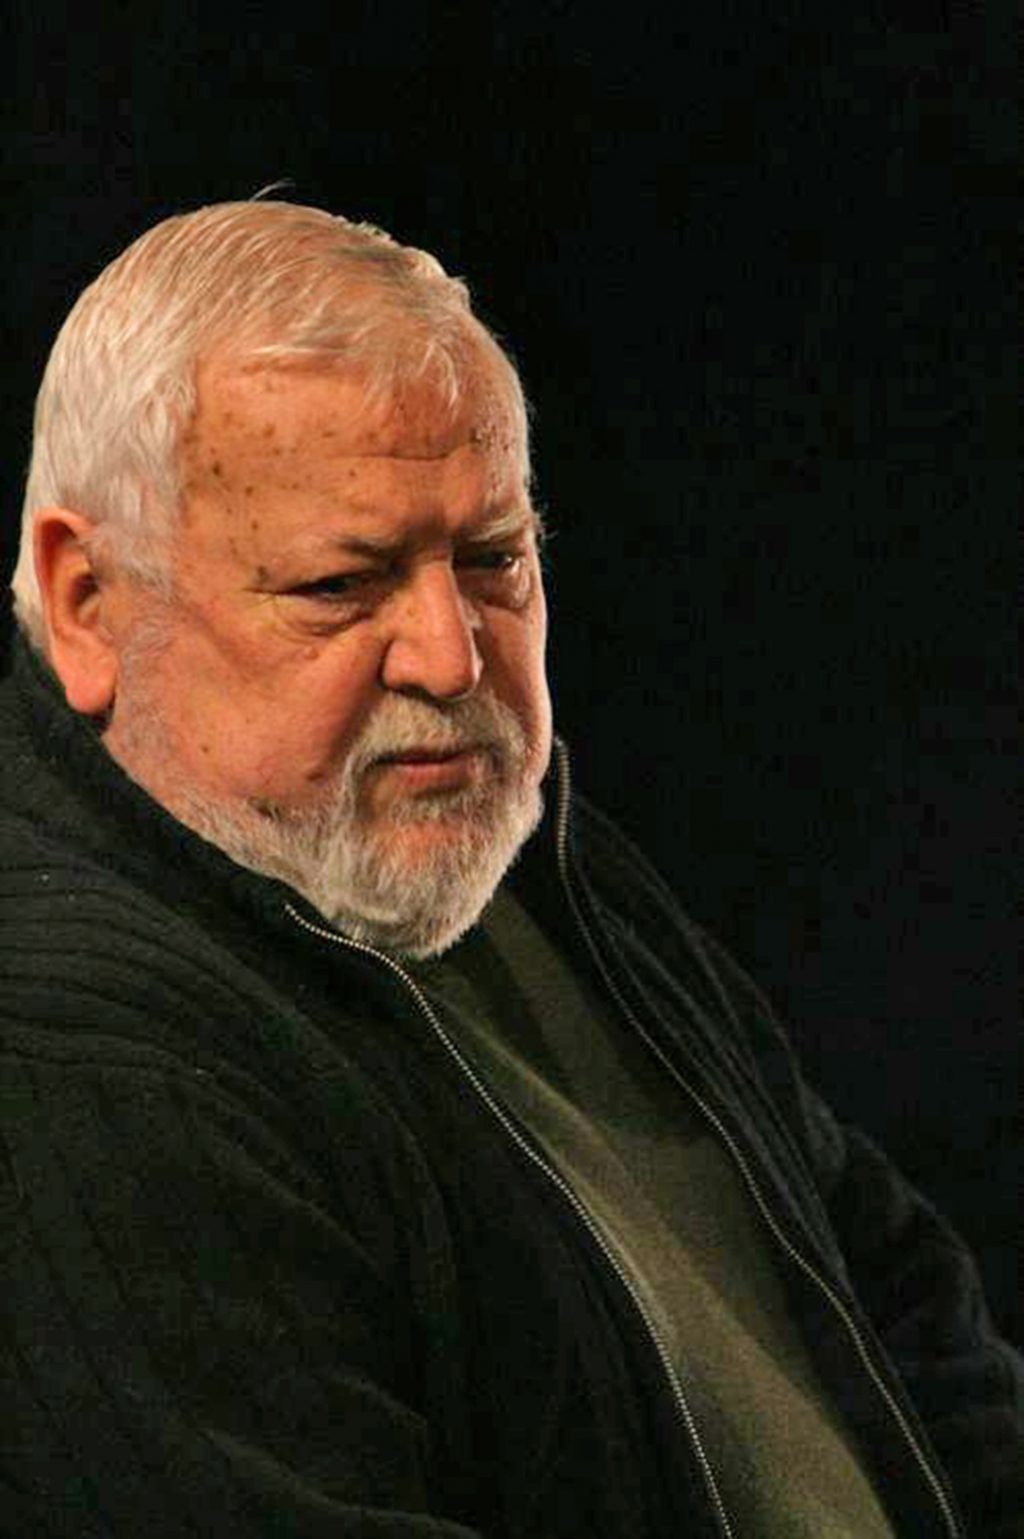 Klaipėdos dramos teatro režisierius Povilas Gaidys, 2011 m.